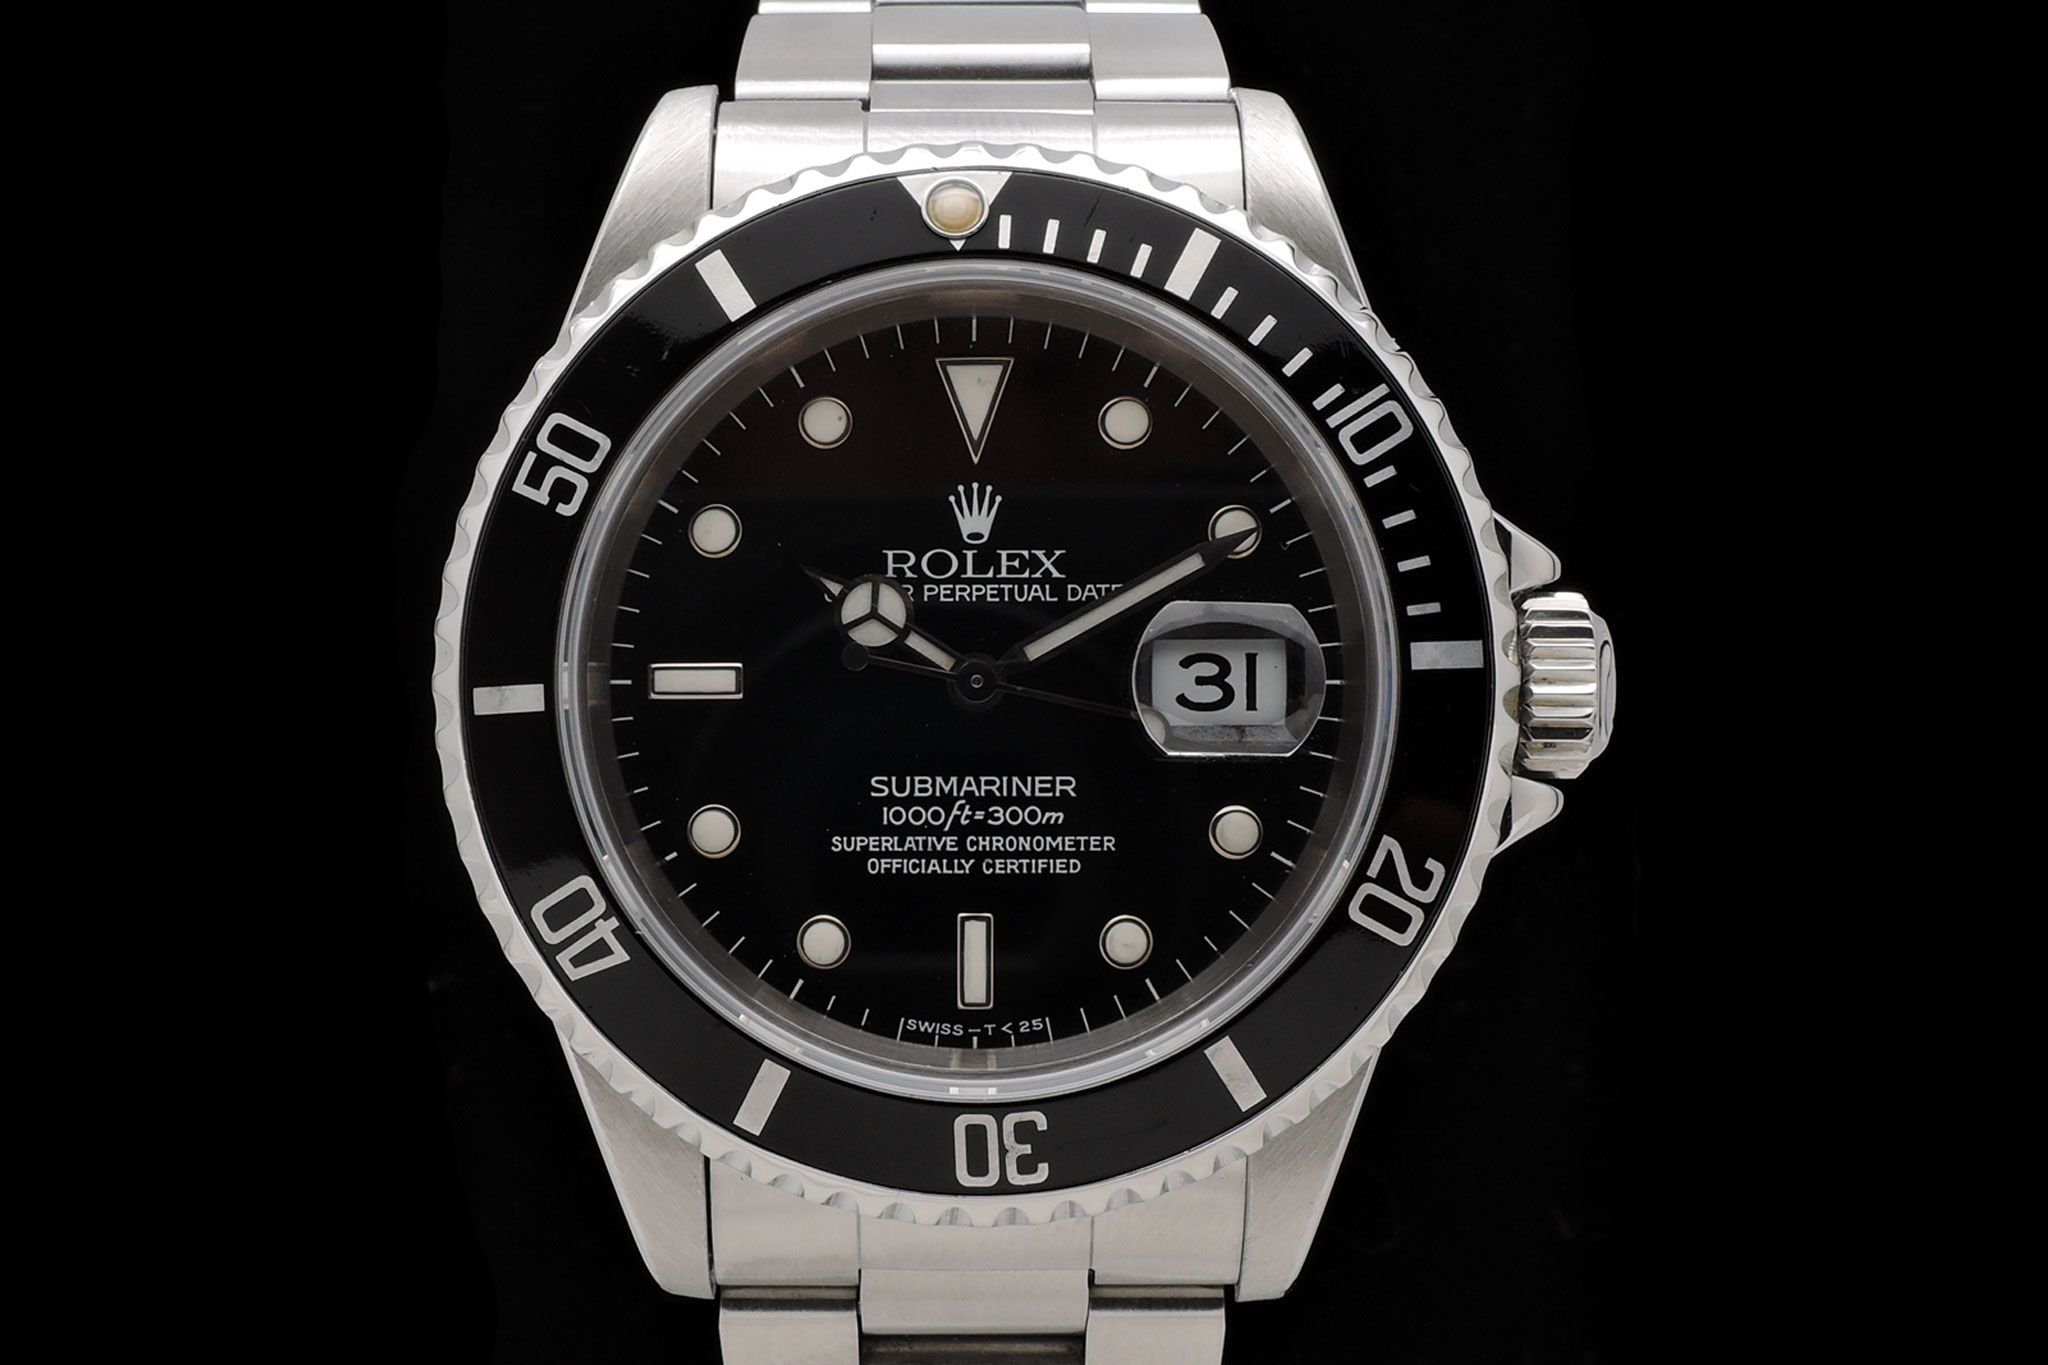 Rolex Submariner 16610 Circa 1991 Rolex Submariner Oyster 16610 Vintagerolex Secondhandwatches Rolex Watches Rolex Submariner No Date Rolex Submariner